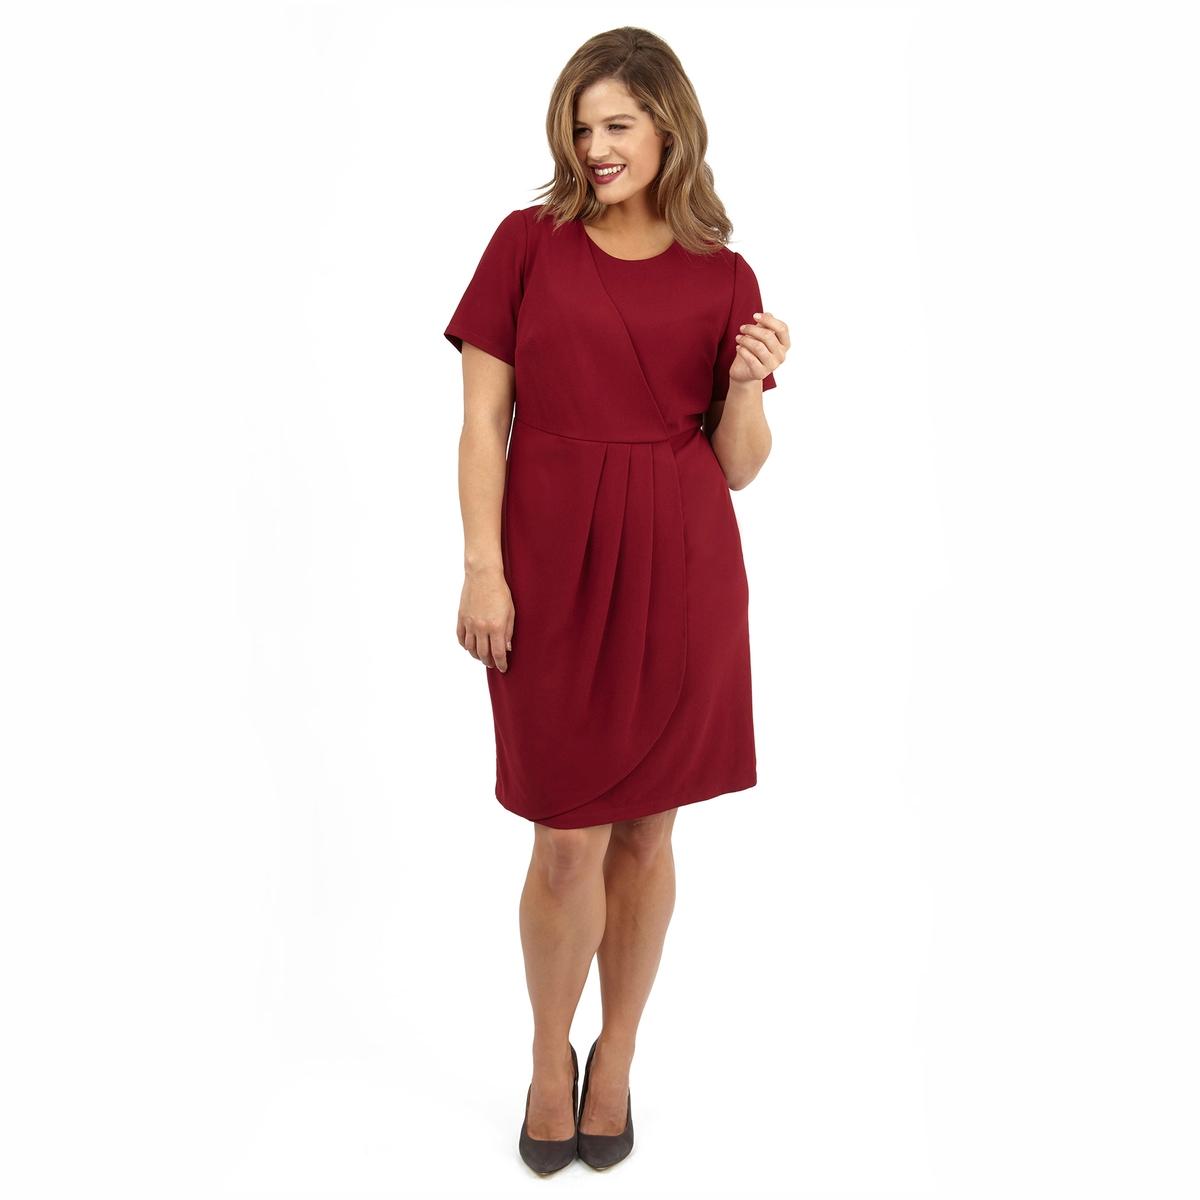 ПлатьеПлатье с короткими рукавами LOVEDROBE. 100% полиэстер.<br><br>Цвет: бордовый<br>Размер: 50/52 (FR) - 56/58 (RUS).48 (FR) - 54 (RUS)